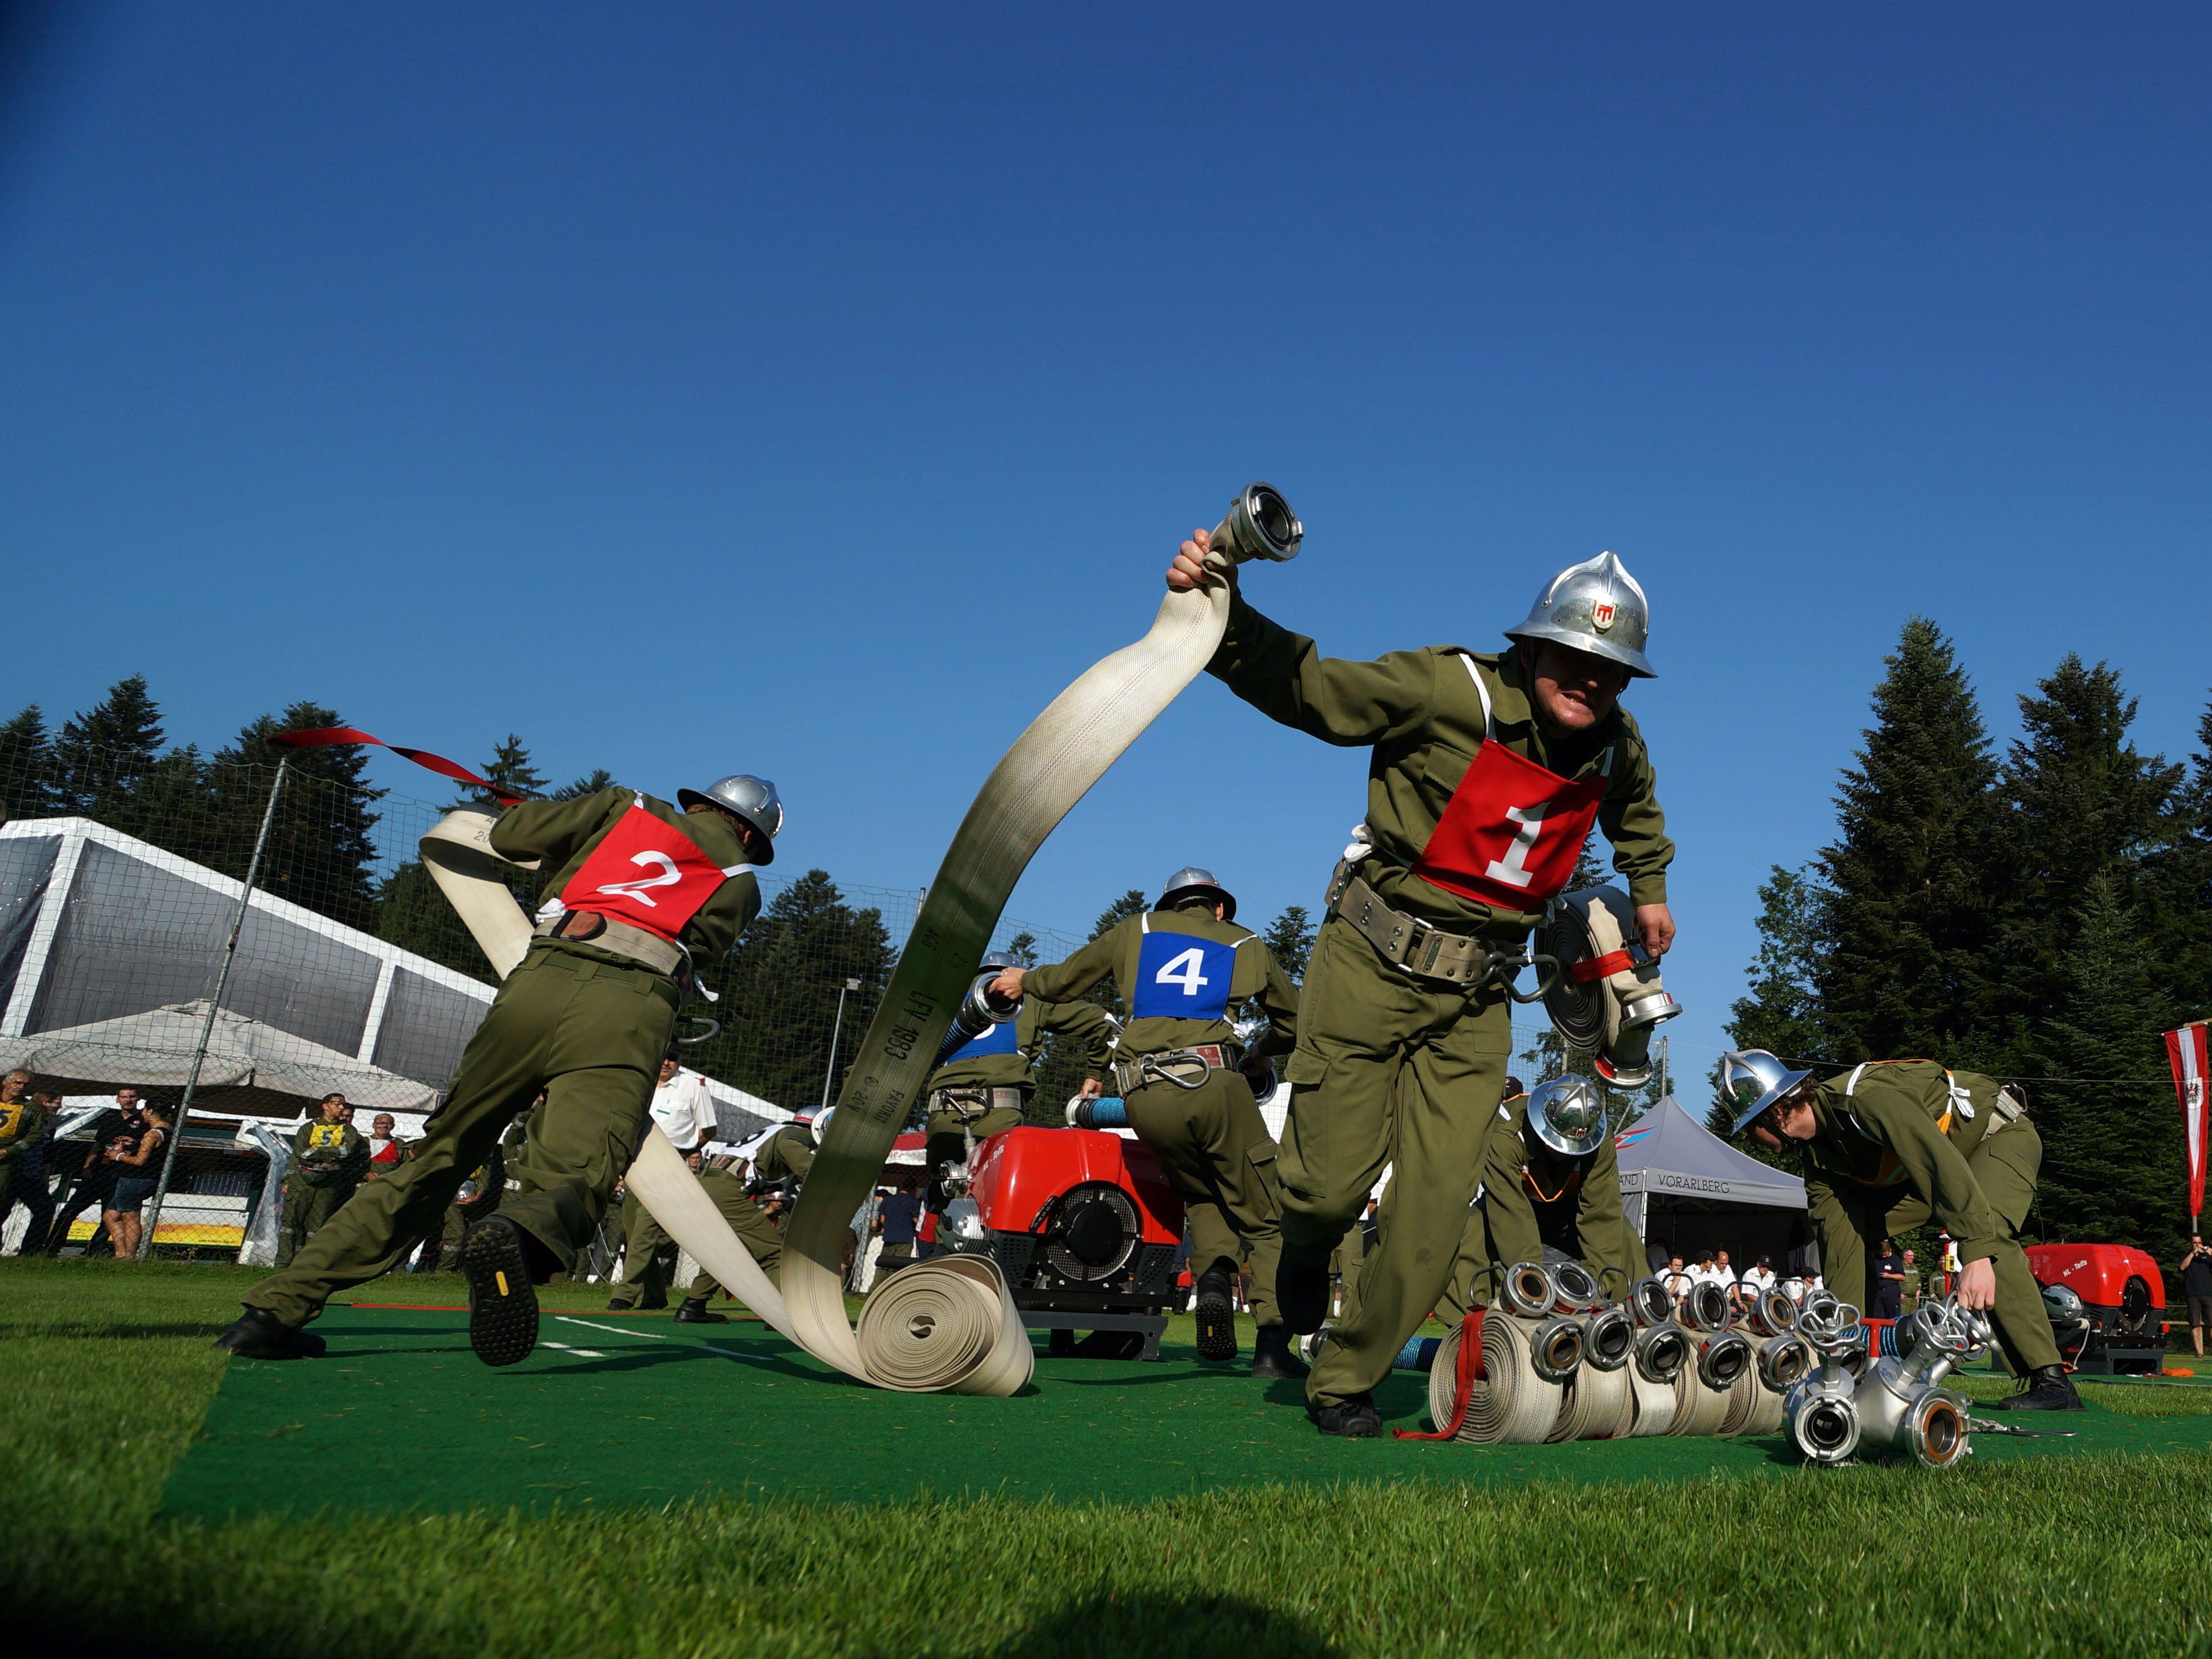 Auch zahlreiche Veranstaltungen finden für die Feuerwehrjugend statt - hier beim Landesfeuerwehrfest in Doren 2013